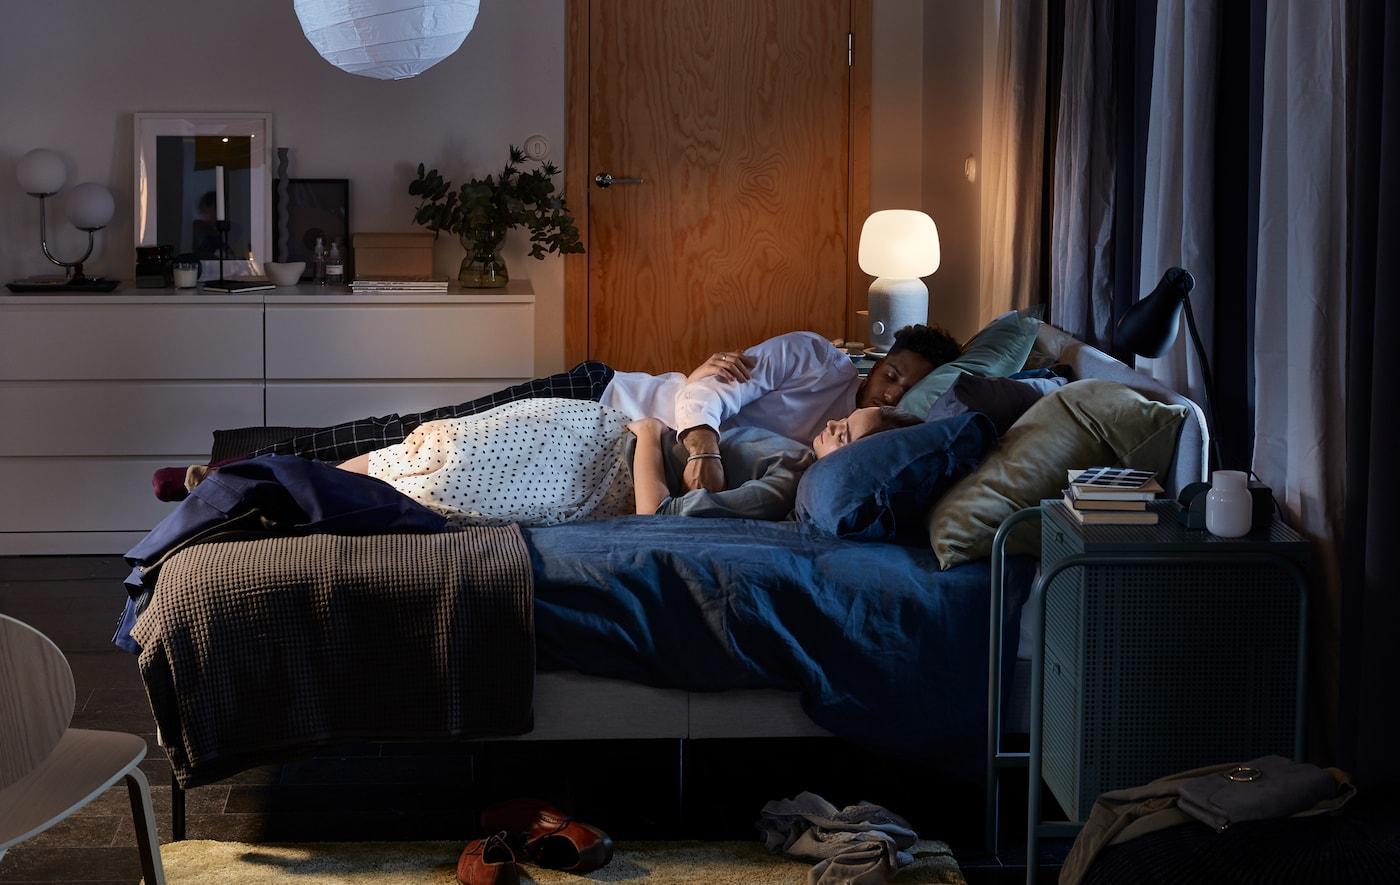 Una parella dorm abraçada en un llit SLATTUM entapissat, amb un llum/altaveu SYMFONISK encès al fons.